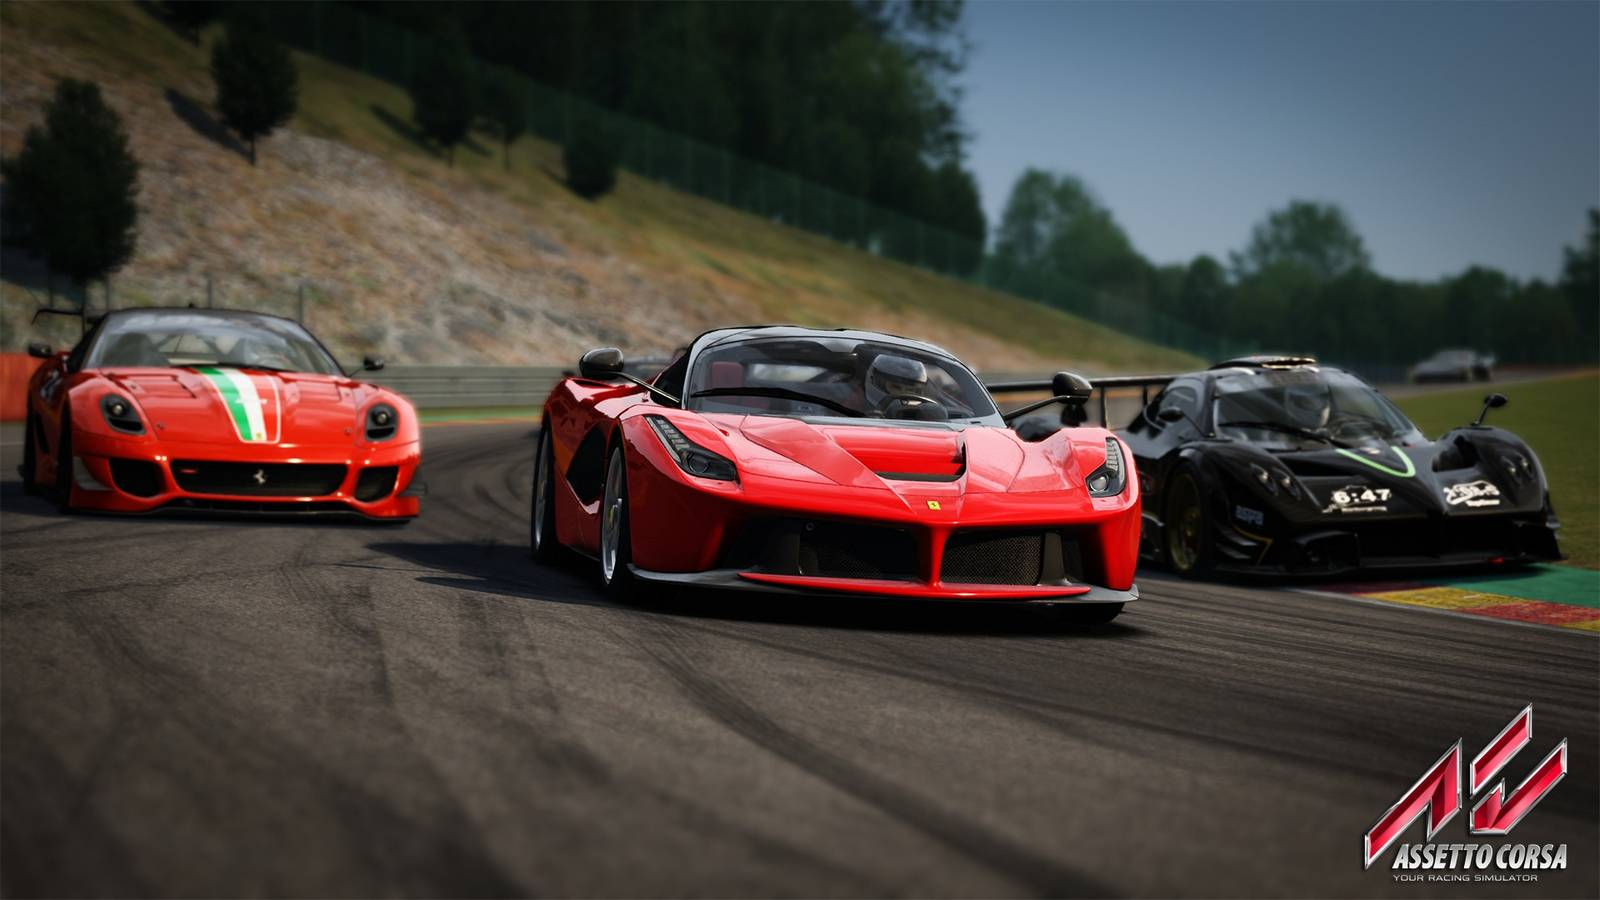 Top 7 Best Car Racing Games In 2015 2016 Gtspirit